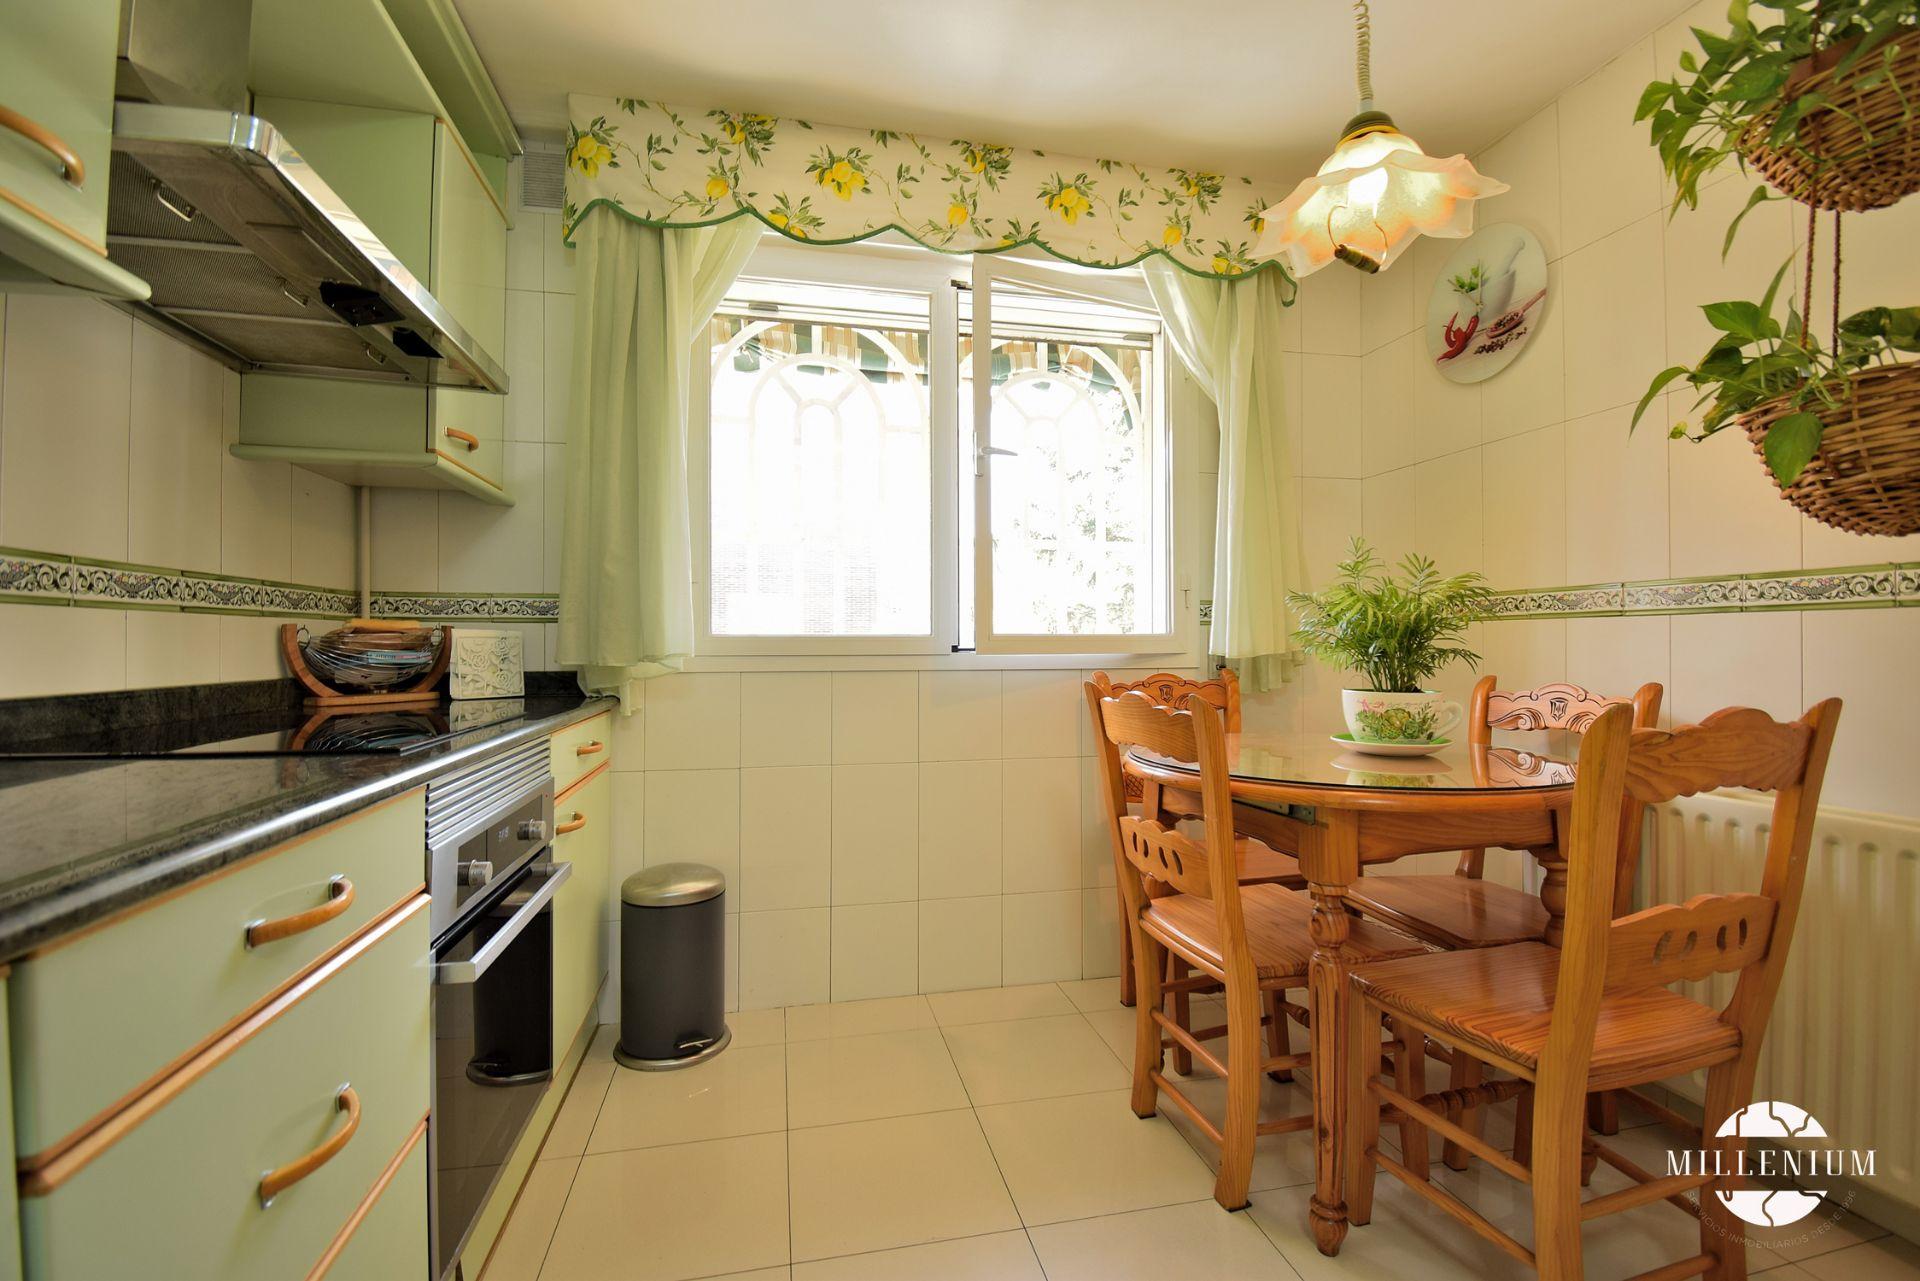 Casa / Chalet en San Fernando de Henares, Montserrat - Parque Empresarial, venta